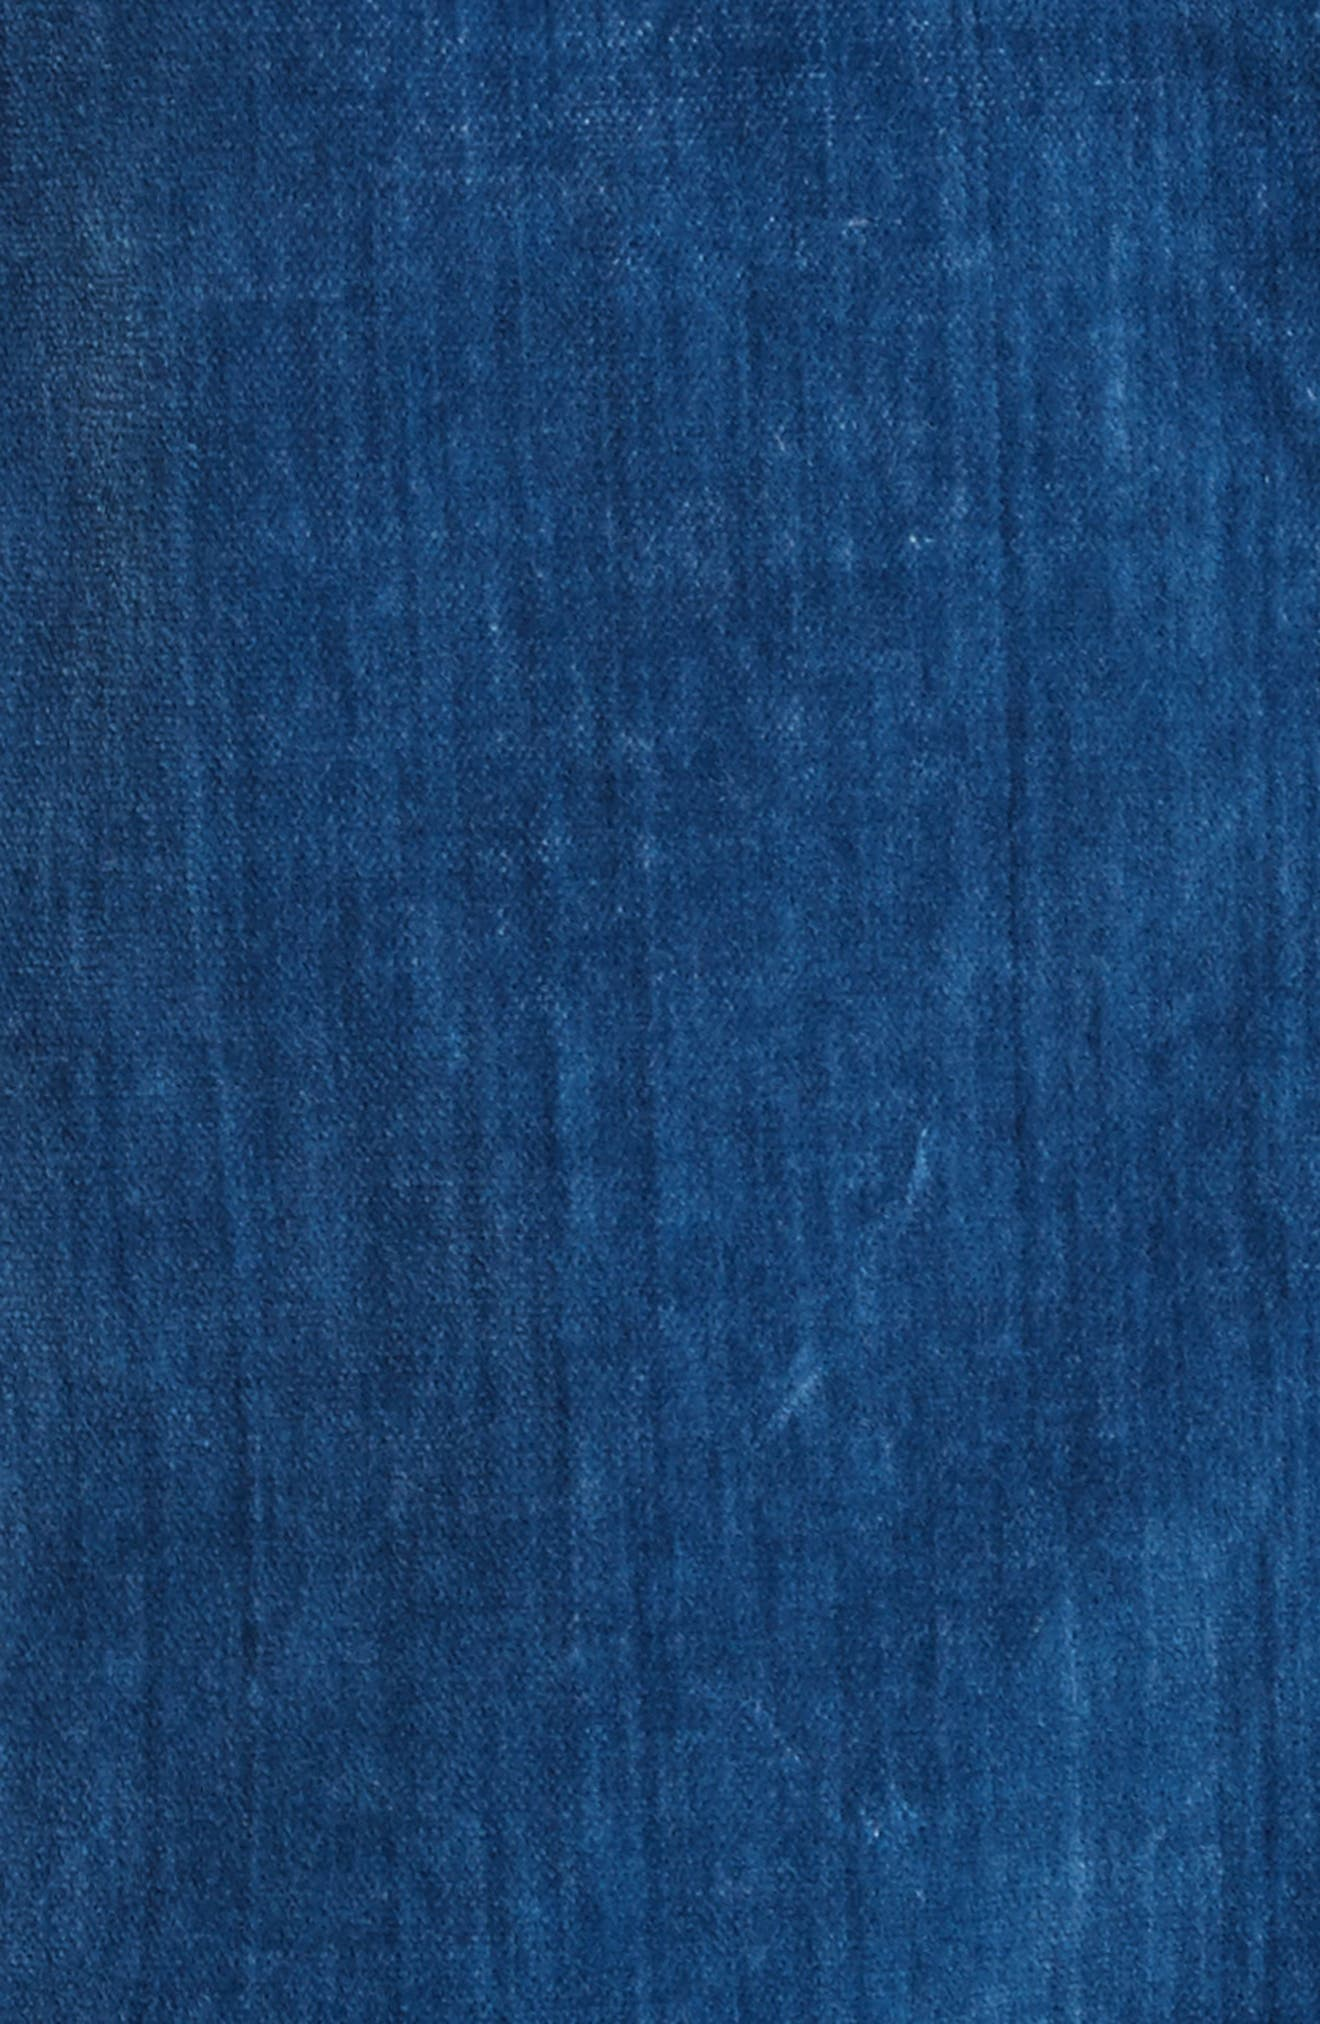 Velvet Denim Jacket,                             Alternate thumbnail 6, color,                             493